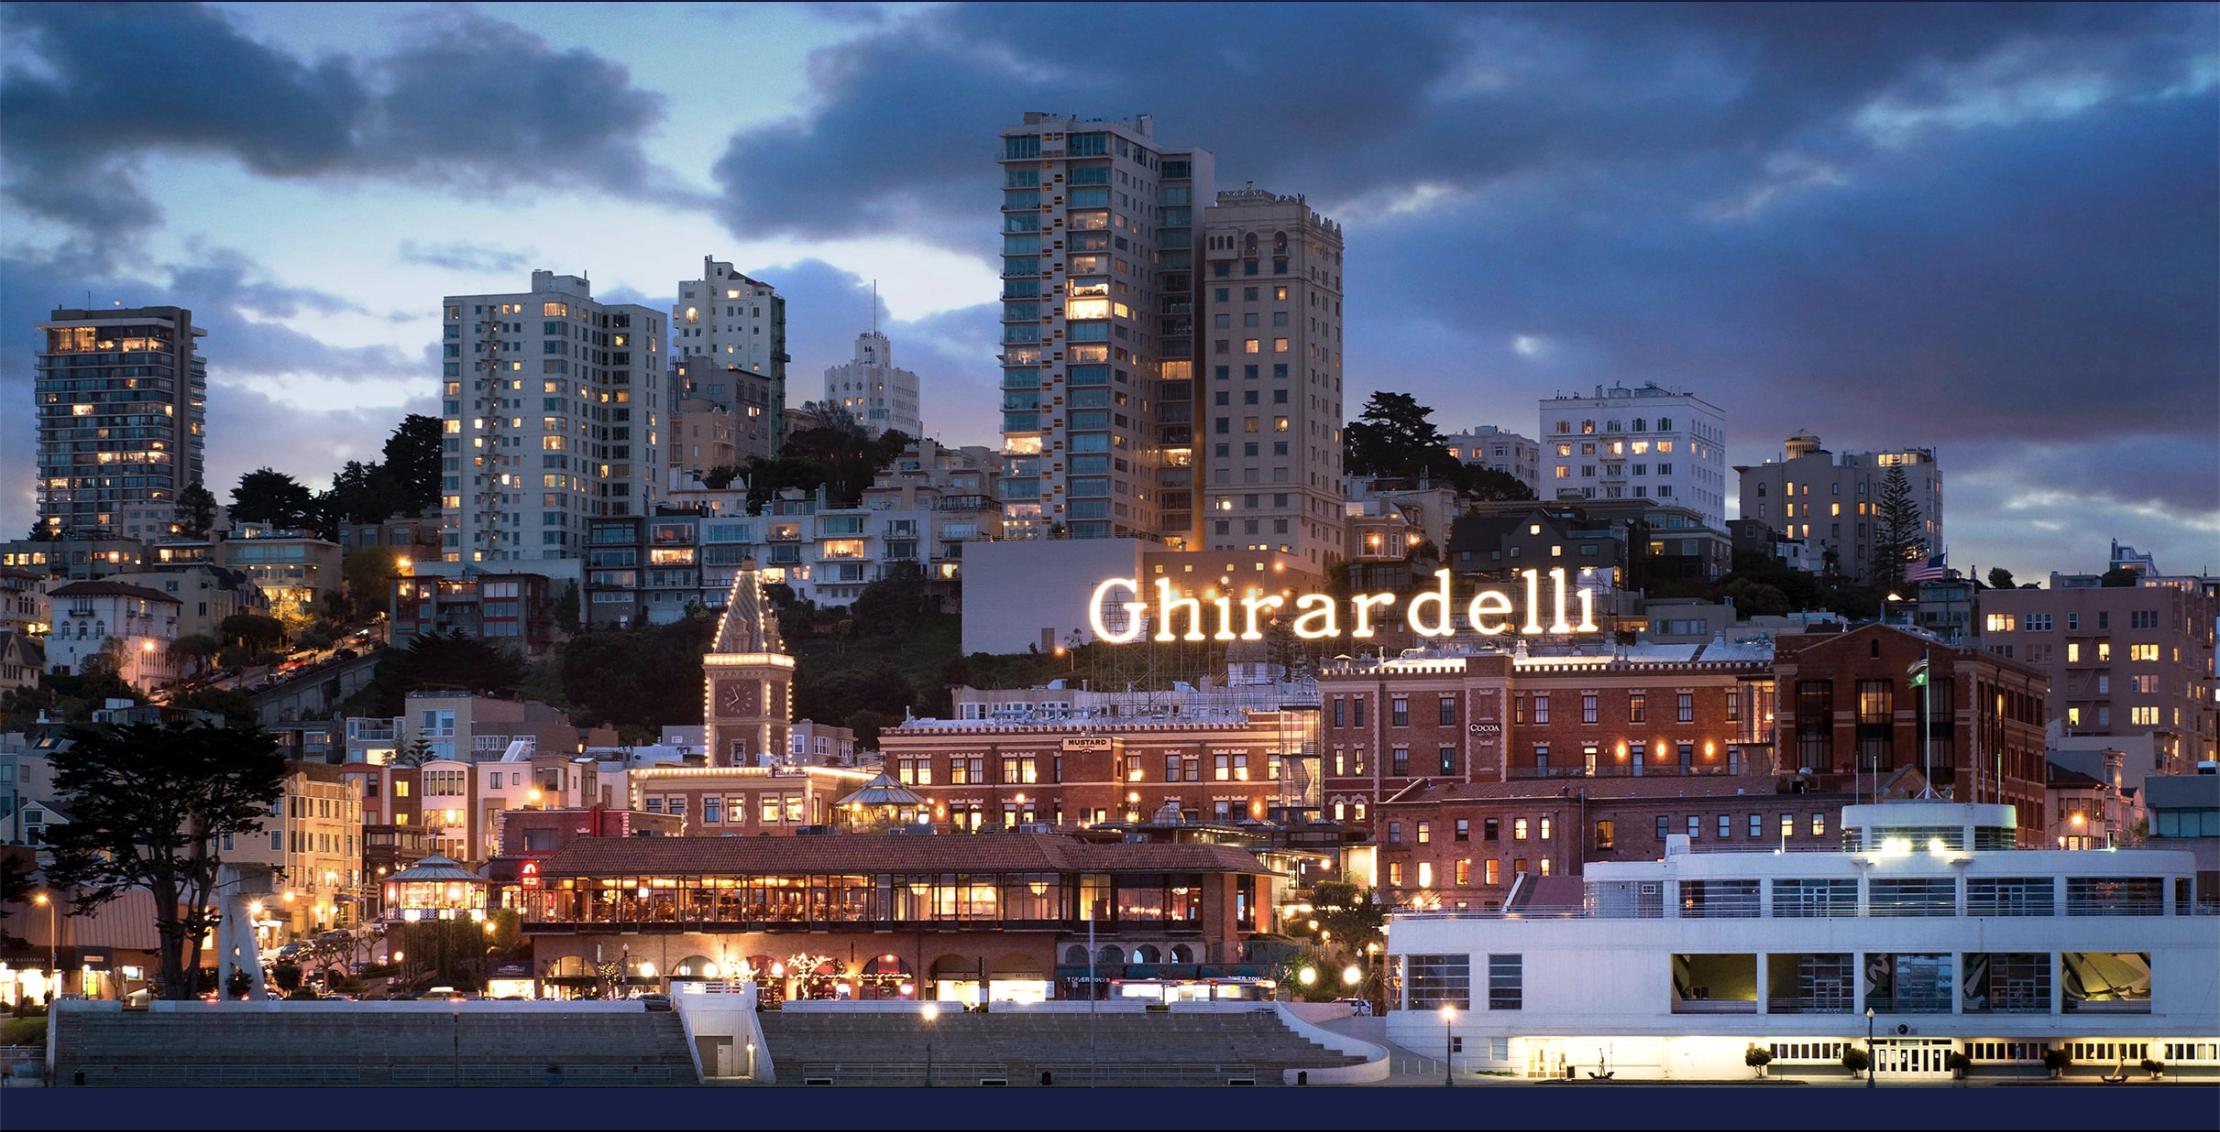 Ghirardelli Square at night